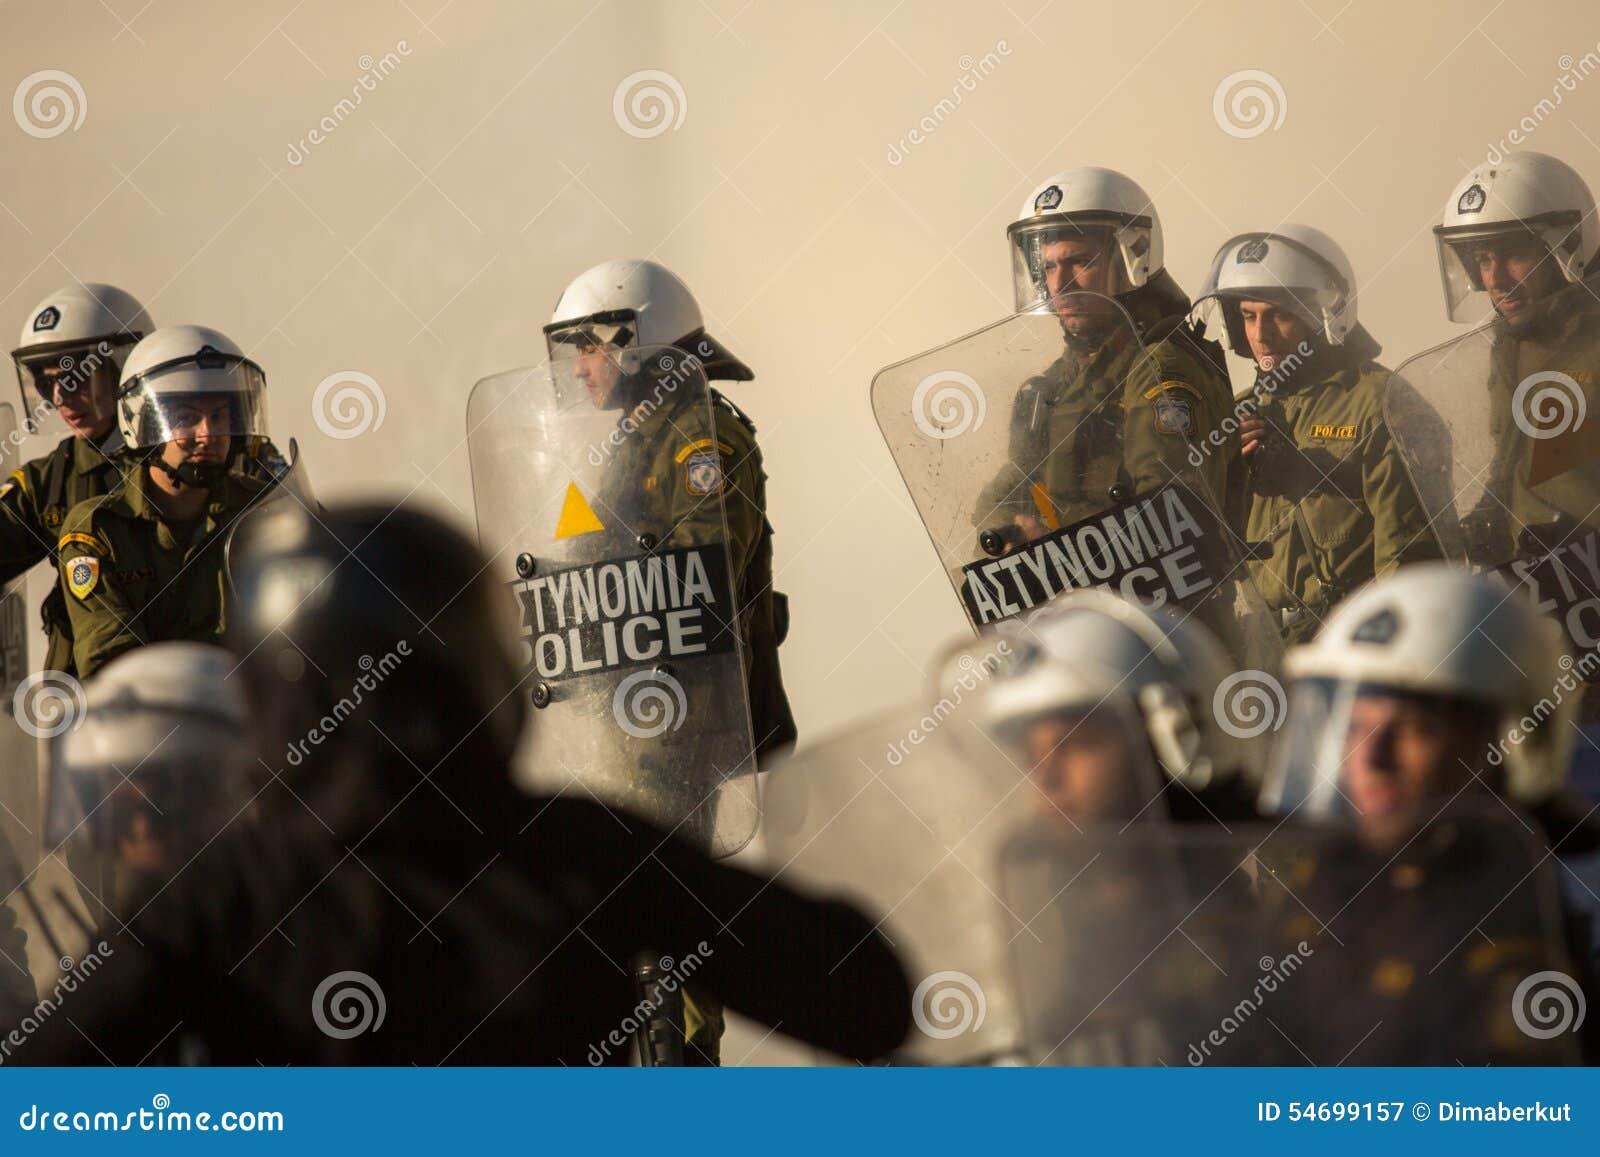 Anarchistenproteste in Athen, Griechenland